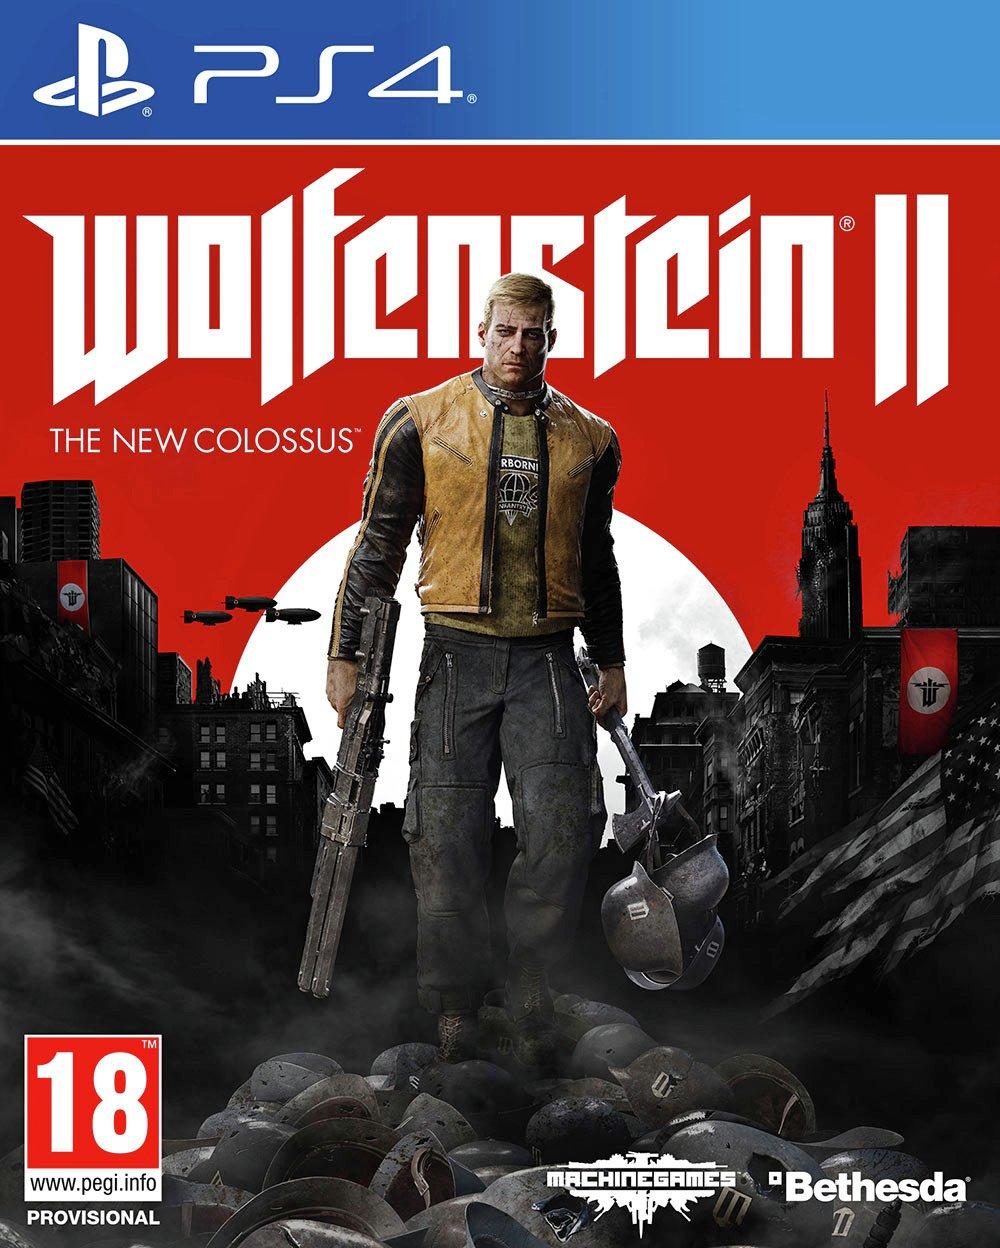 Wolfenstein 2: The New Colossus PS4/Xbox1 - £12.49 @ Argos